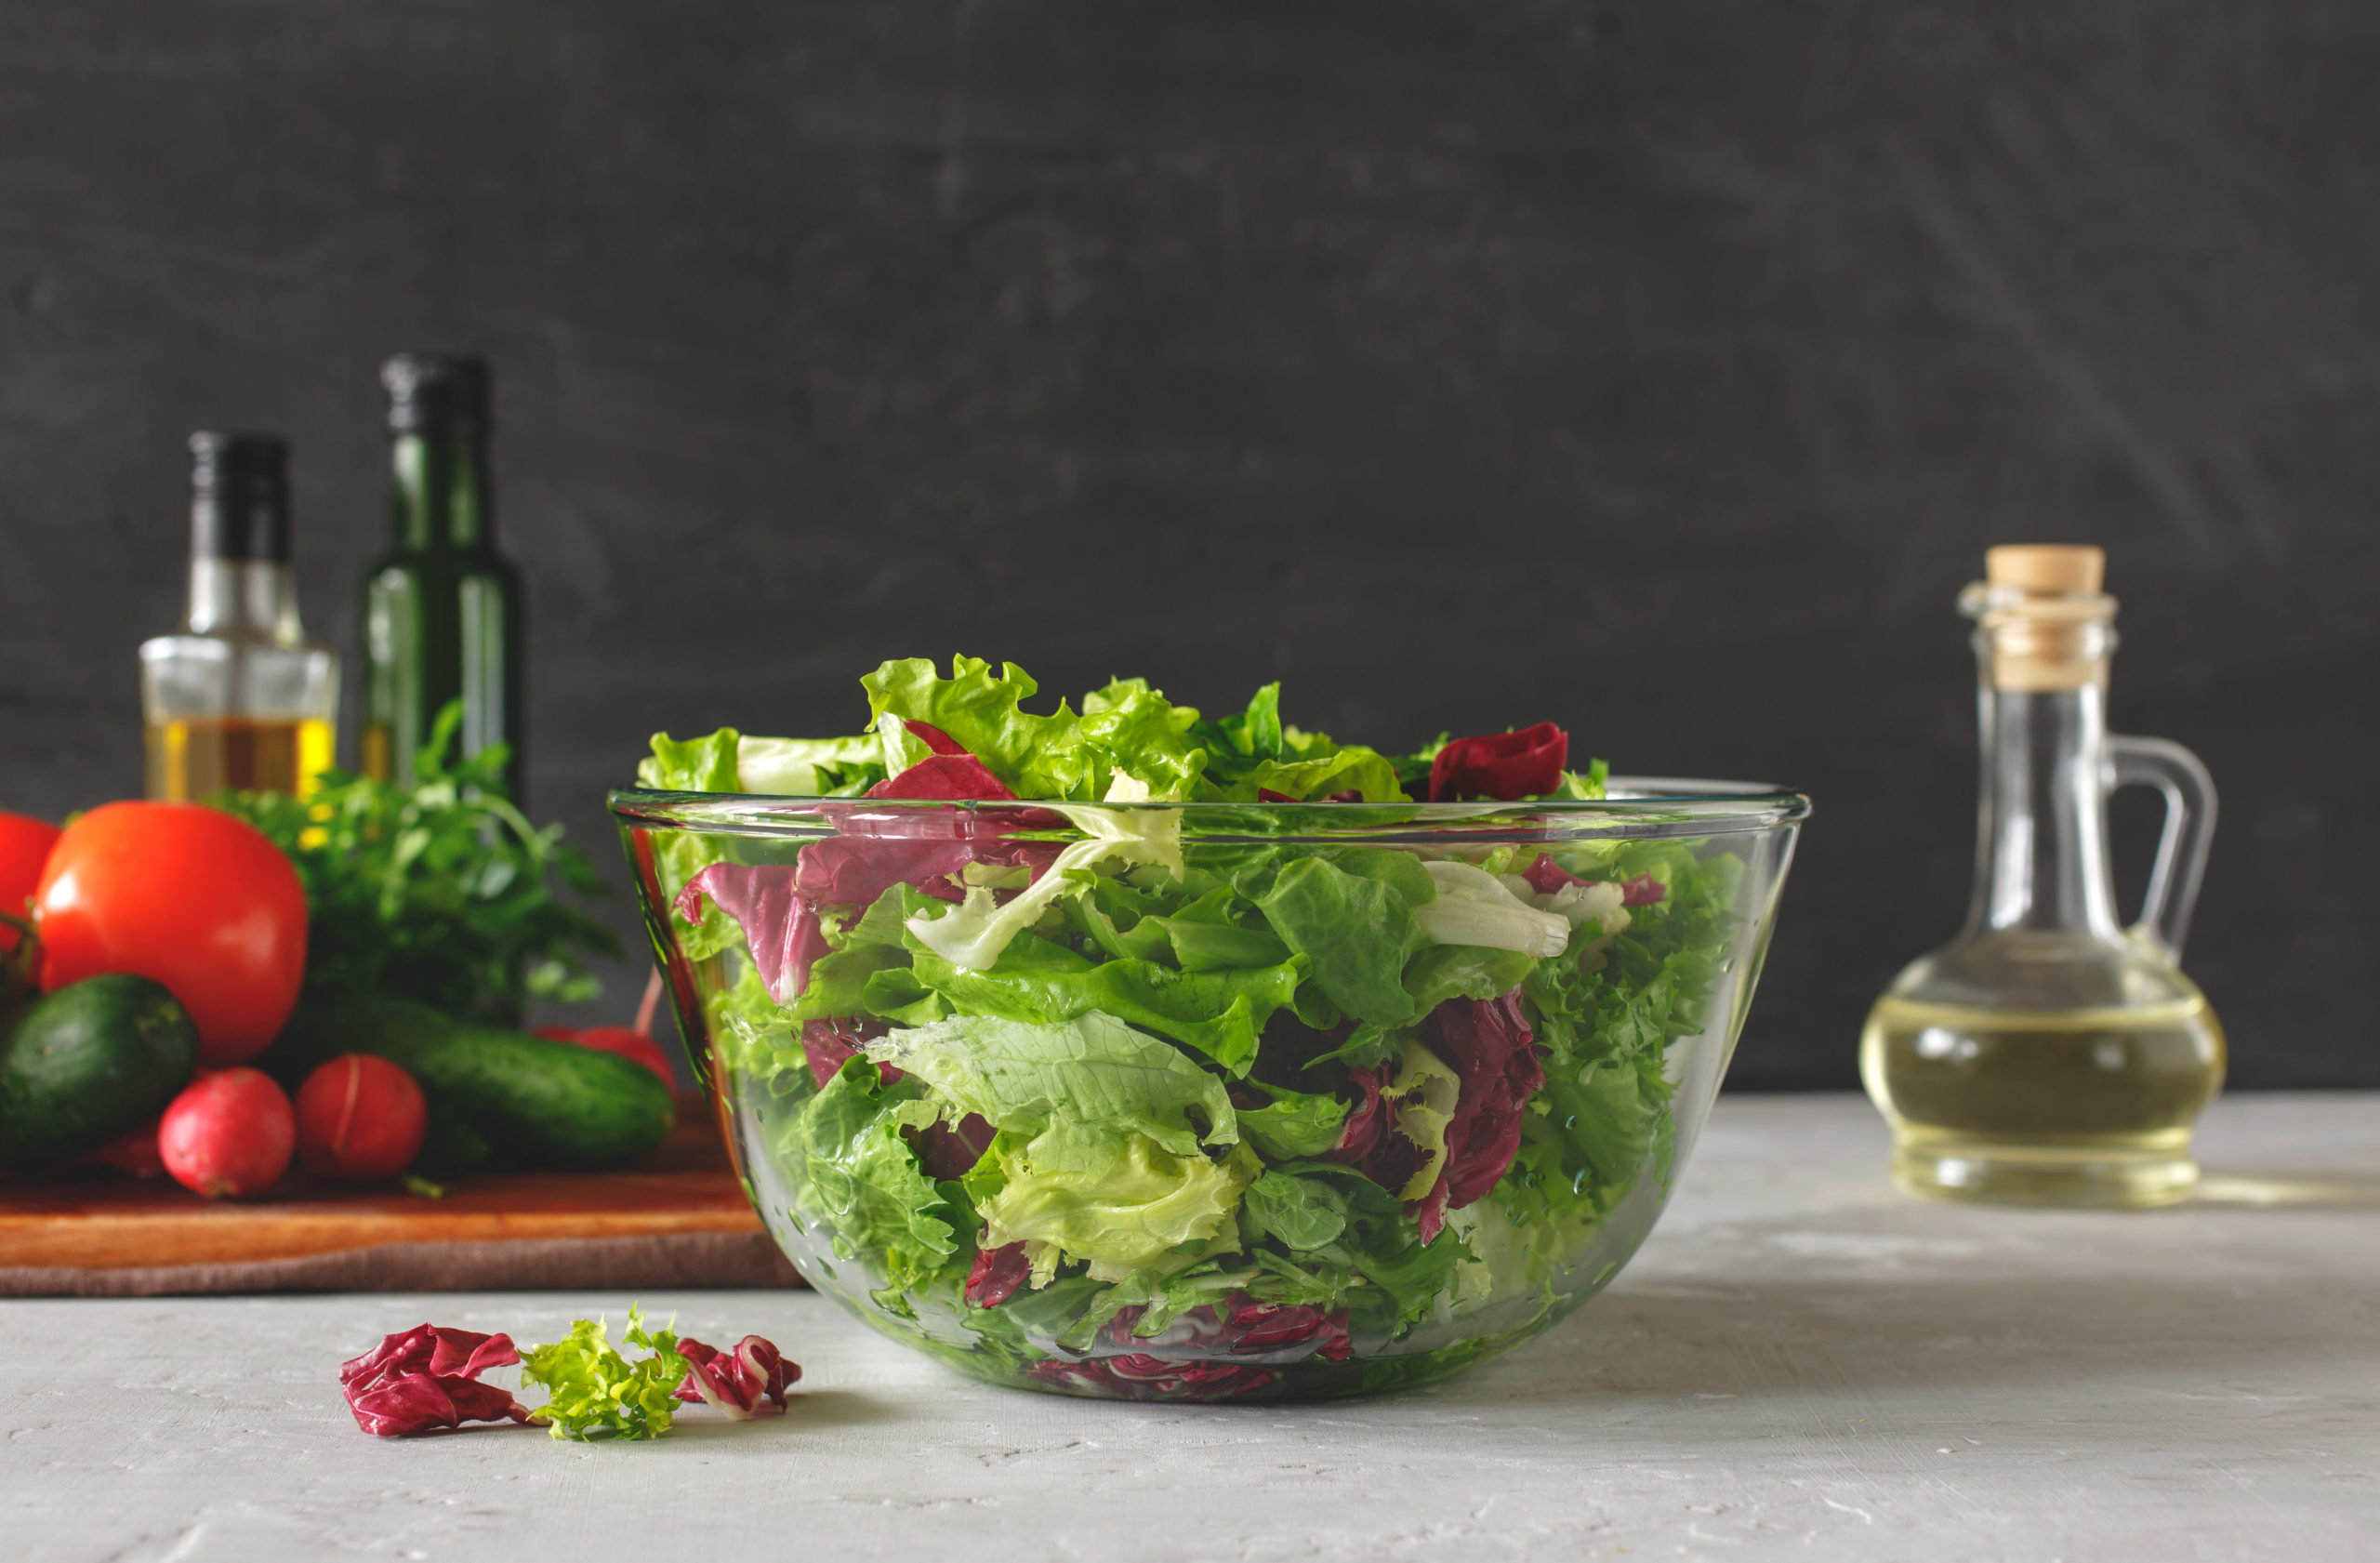 キレイなサラダの画像です